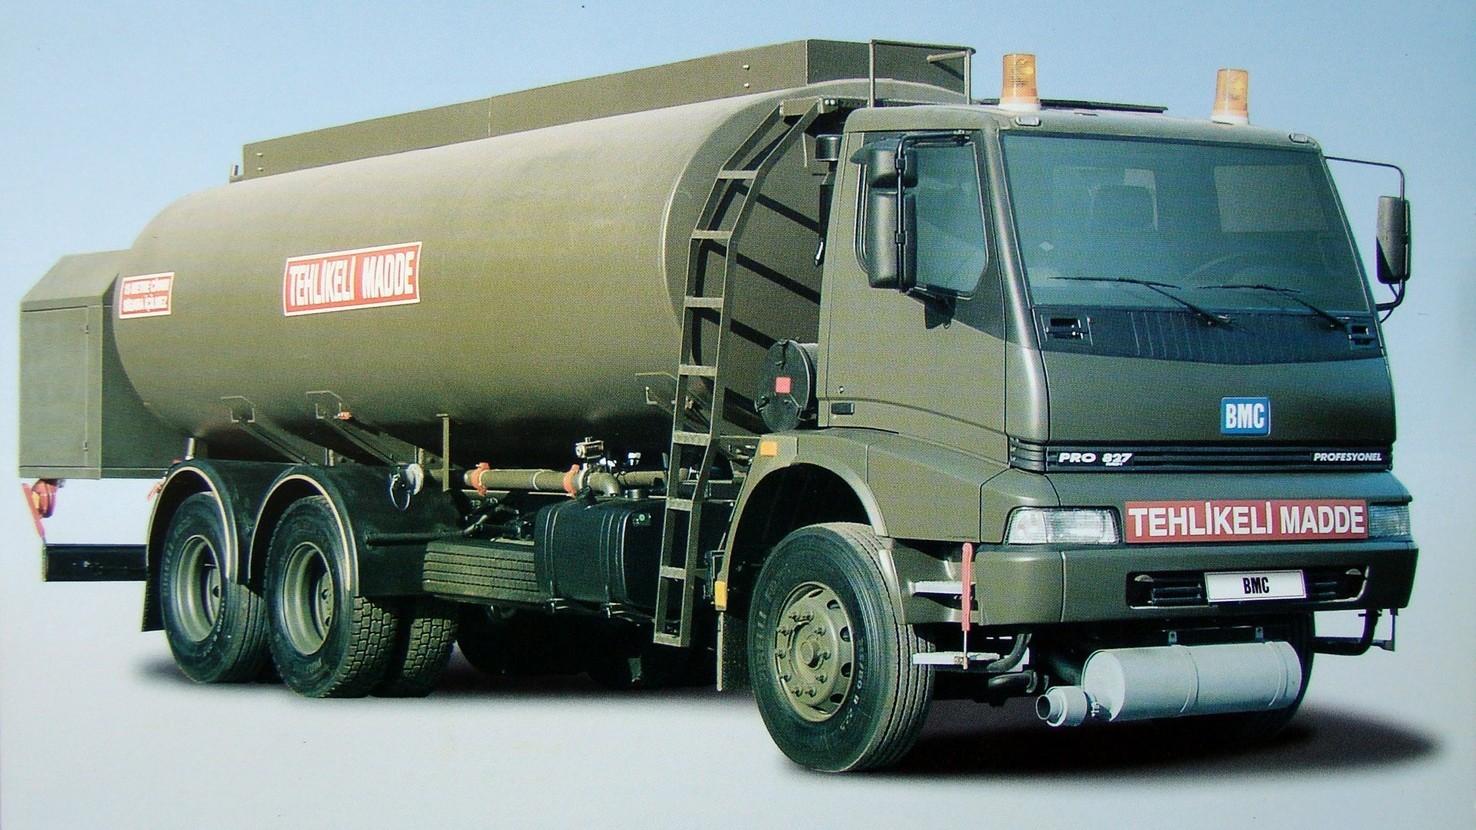 Аэродромный топливозаправщик на серийном автомобиле ВМС 827